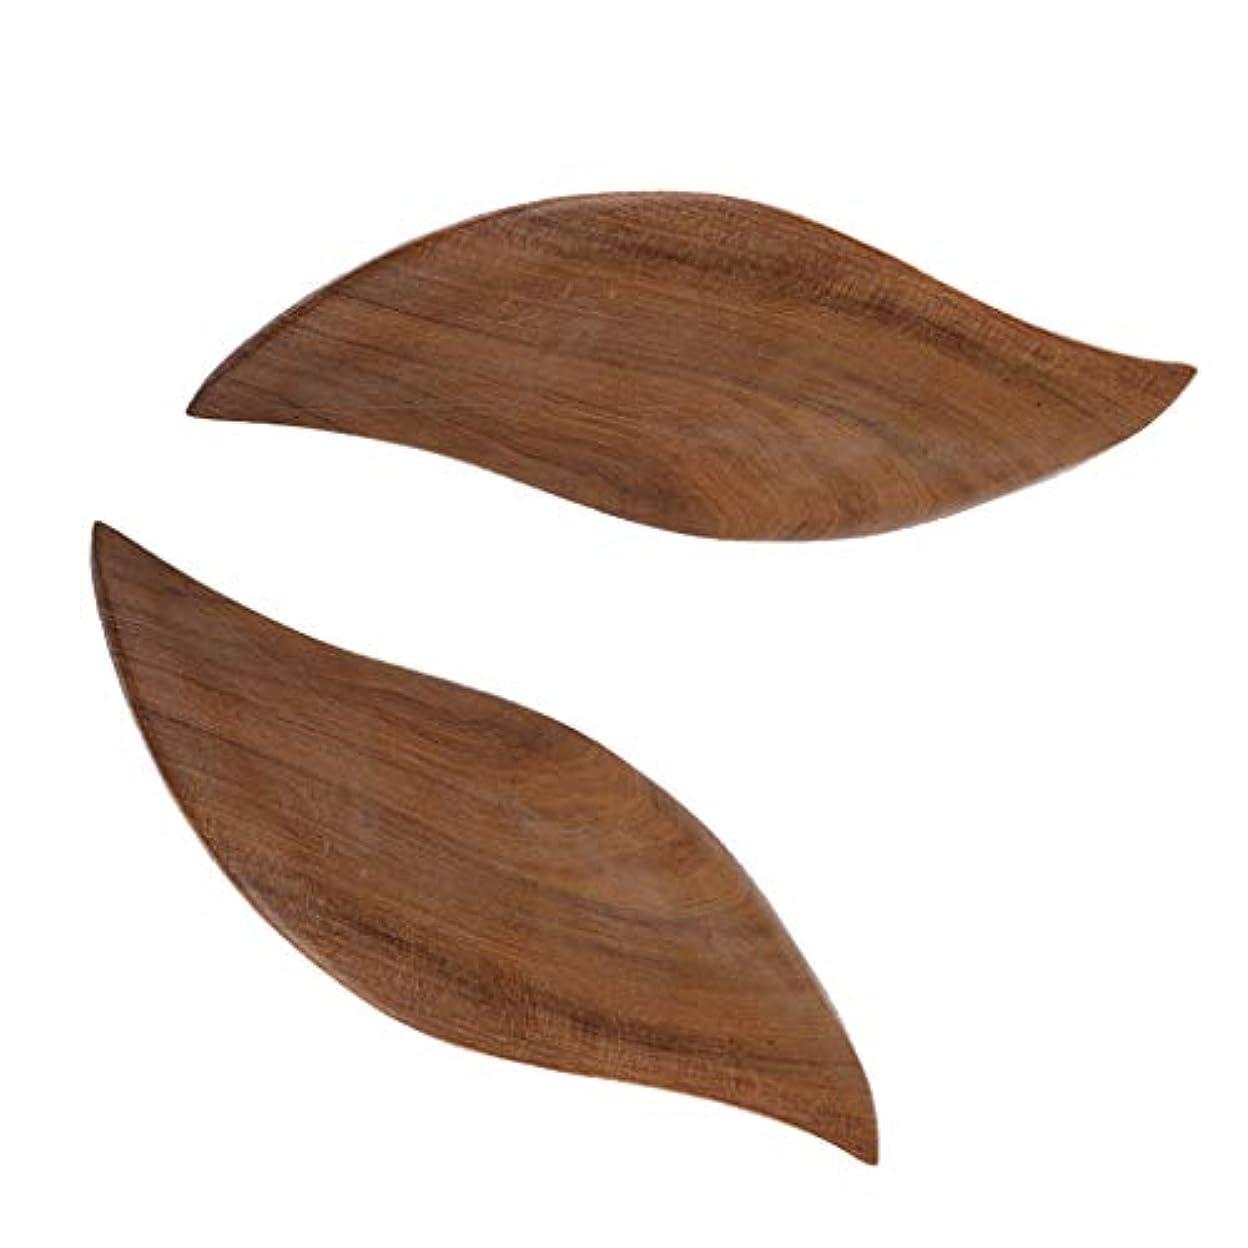 スロープひどい例外2枚 かっさプレート 木製 ボード ボディーケア マッサージ マッサージャー